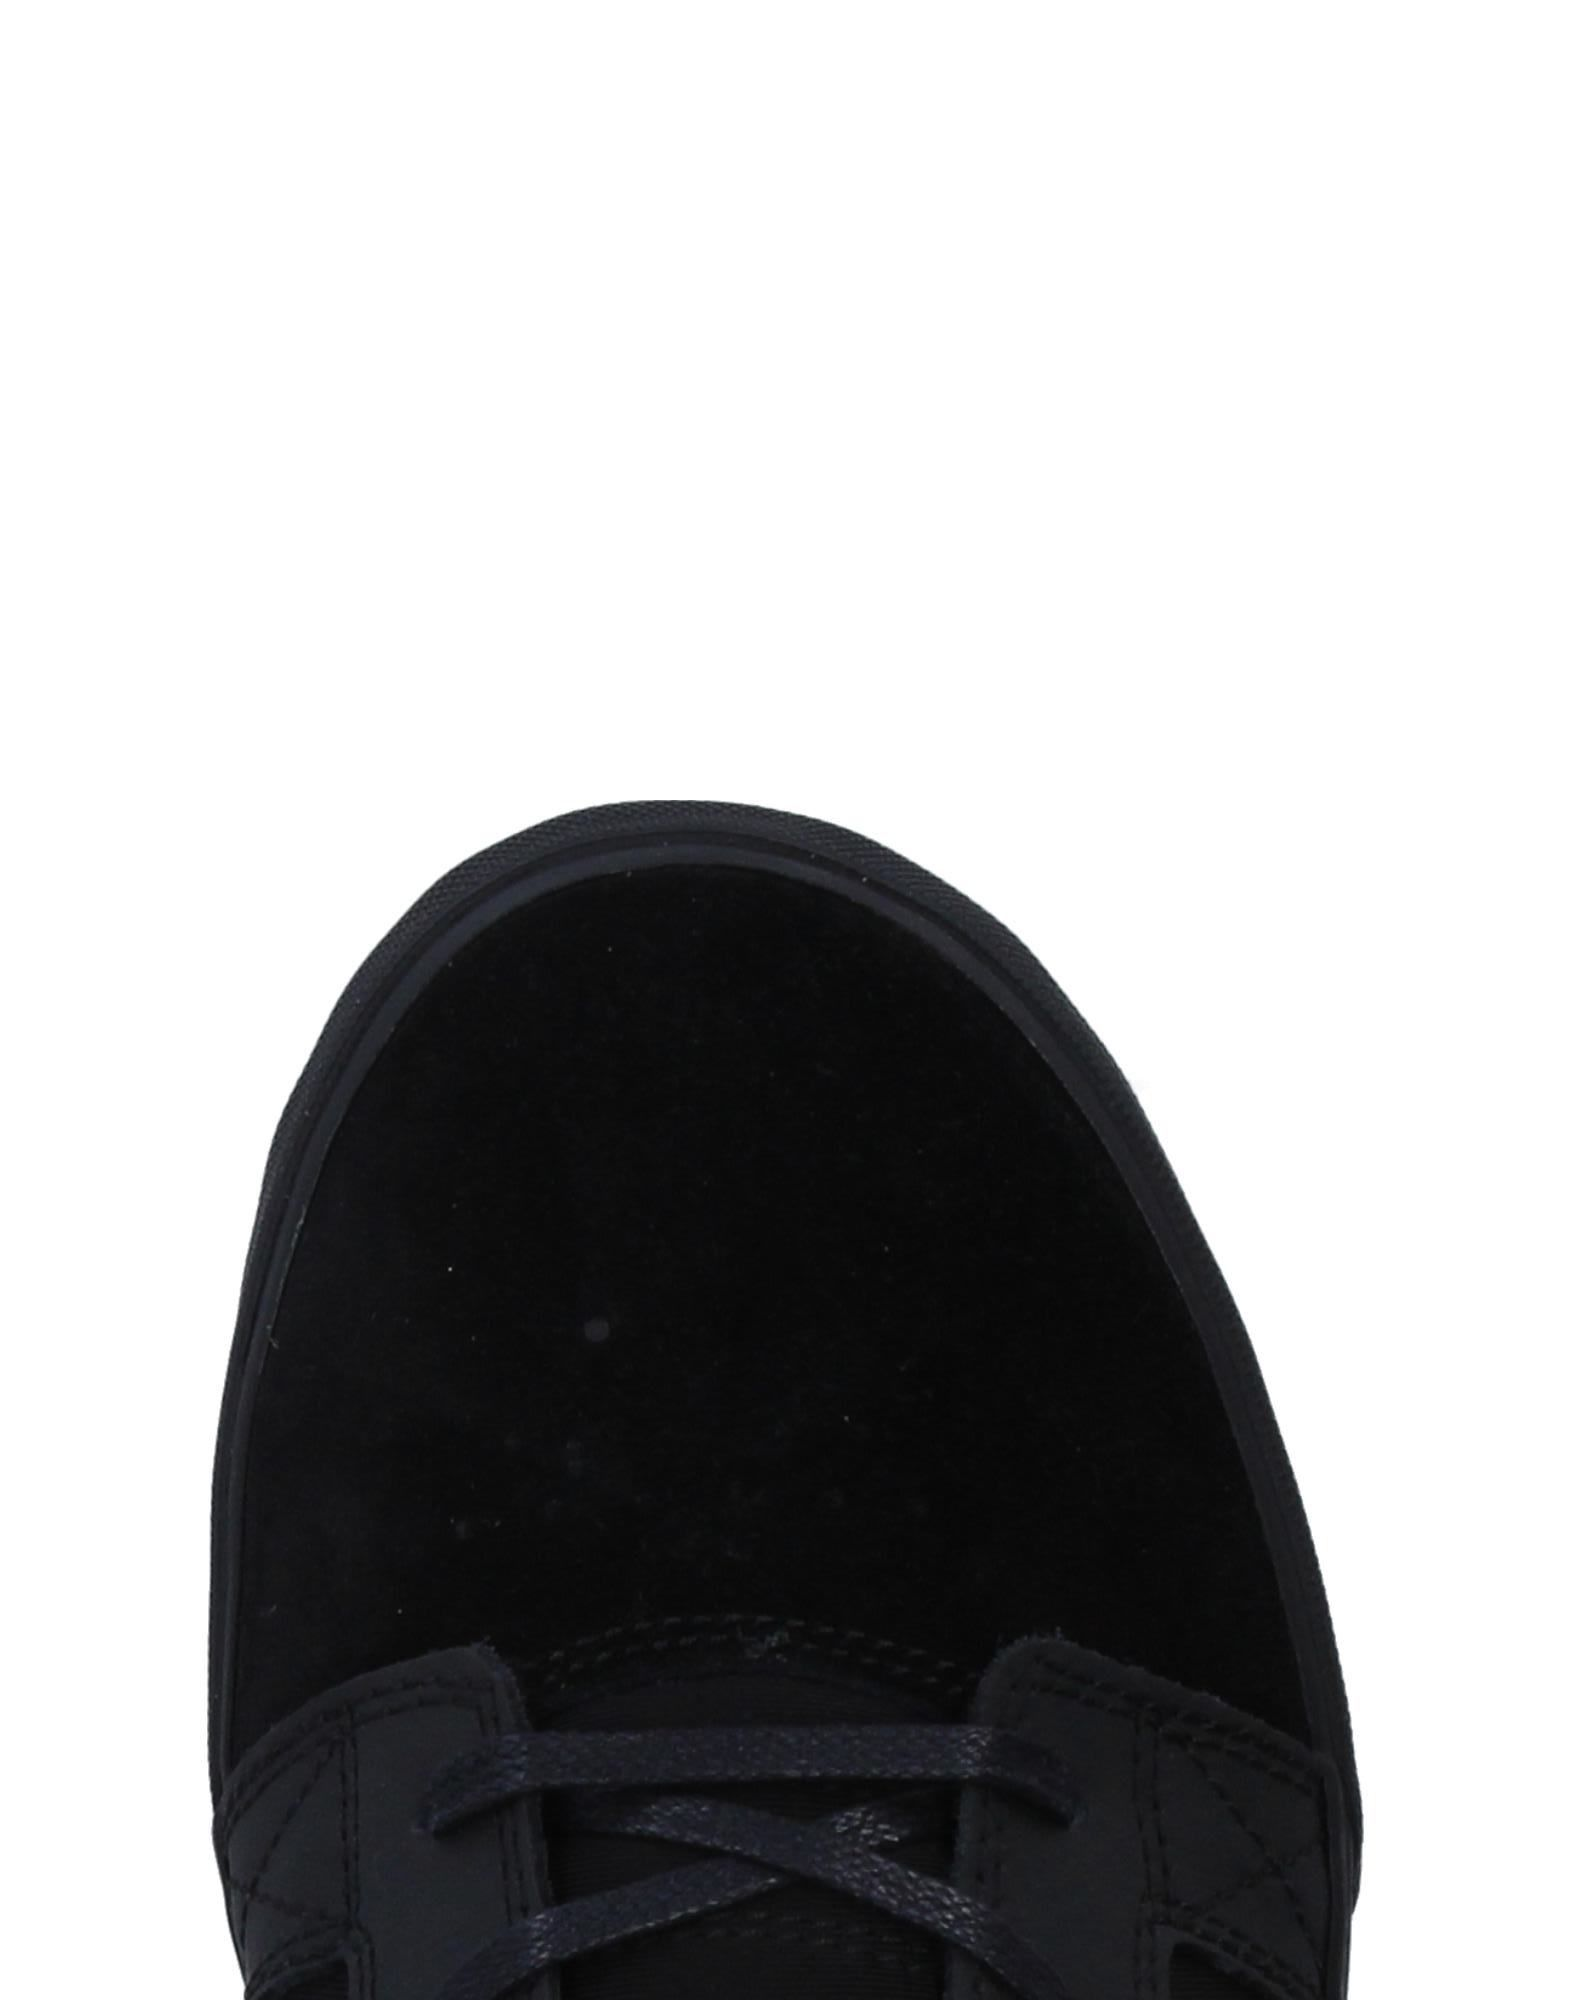 Supra Sneakers Schuhe Herren  11338418RB Heiße Schuhe Sneakers 7fc179